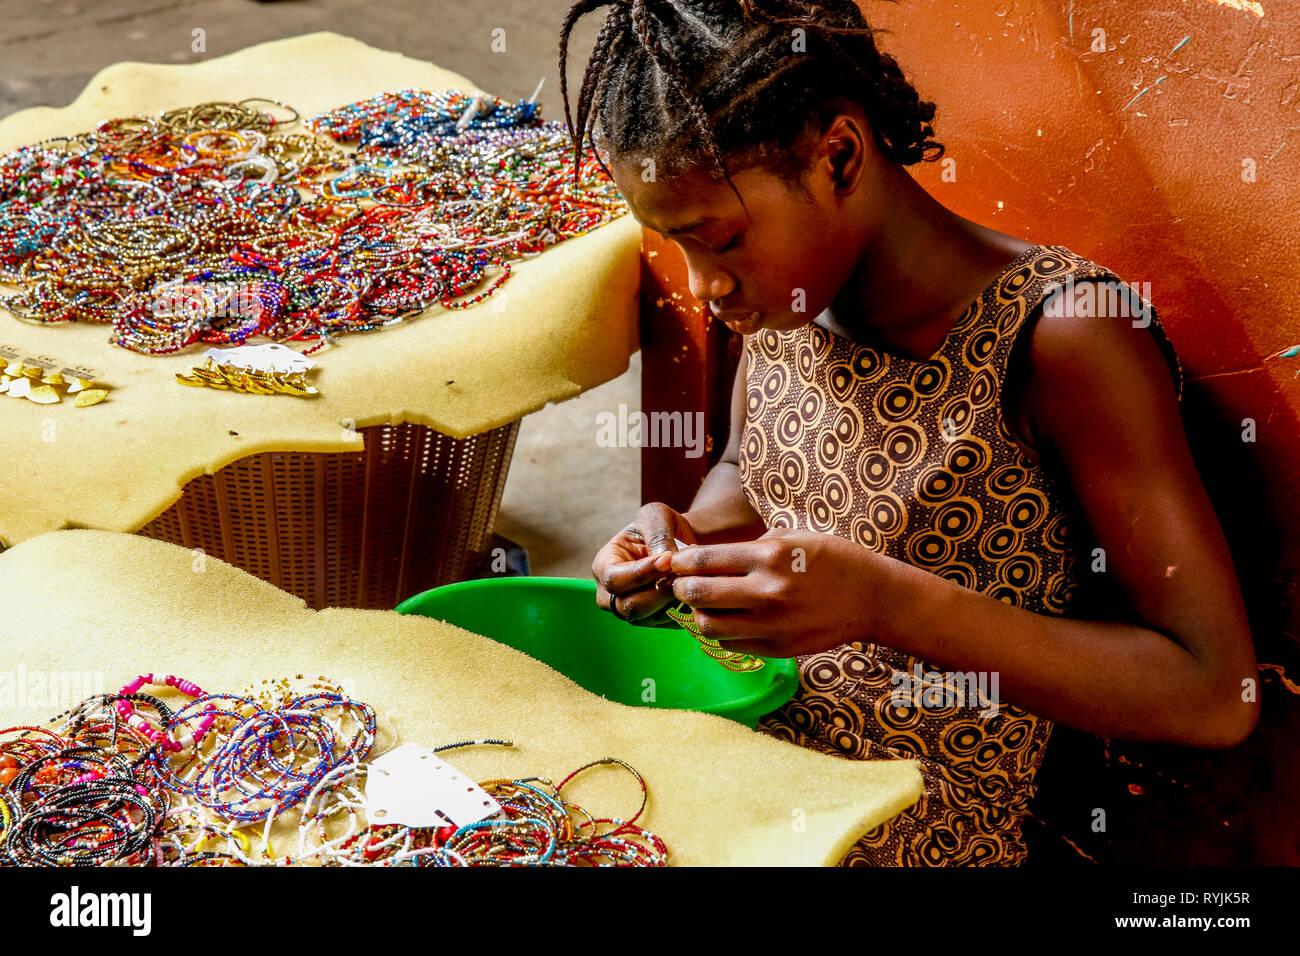 Chica haciendo y vendiendo joyas en Ouagadougou, Burkina Faso. Imagen De Stock